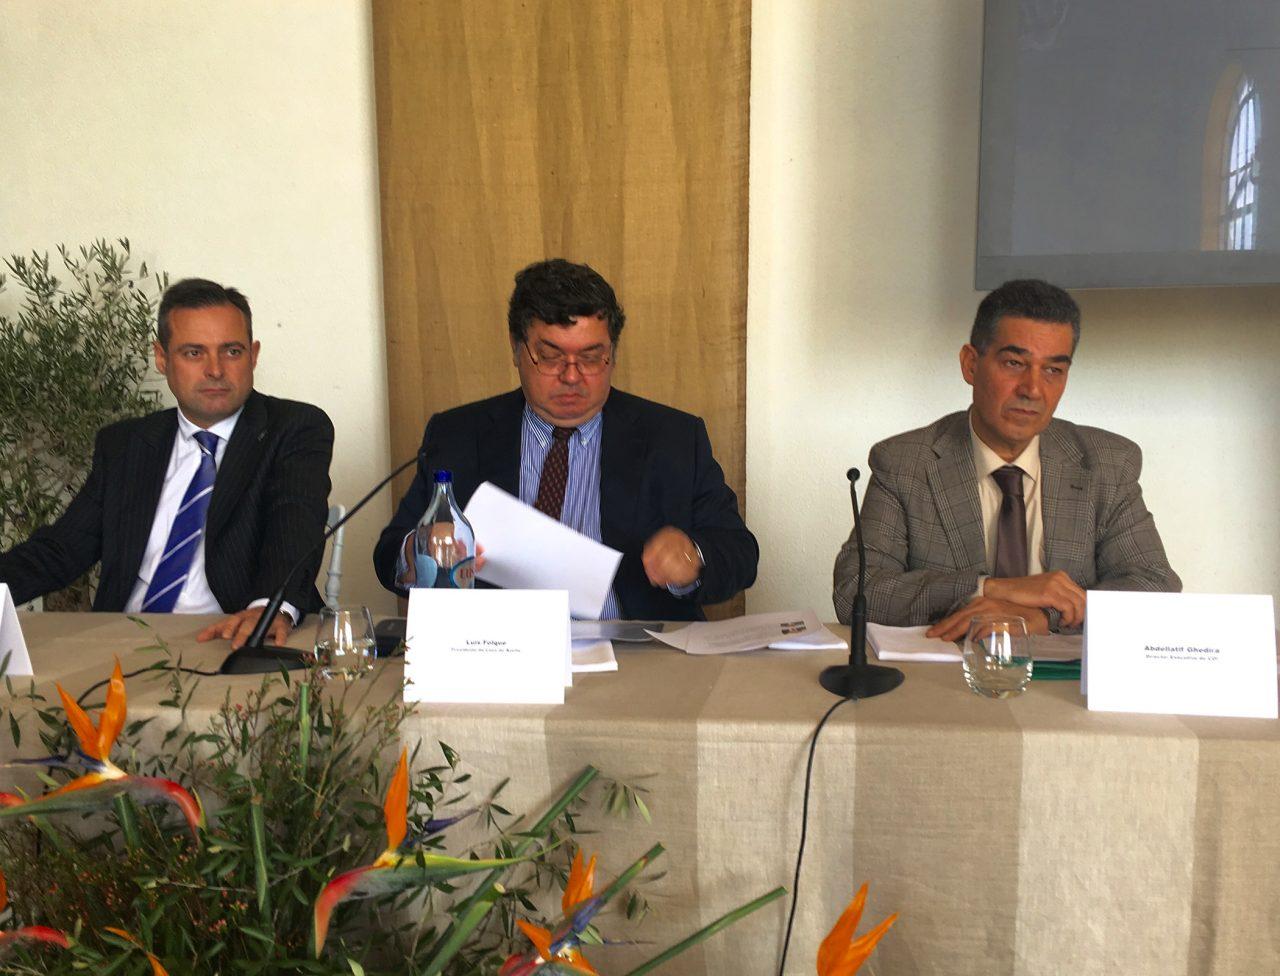 Juan Vilar revela que el olivar mundial está preparado para producir más de 4,5 millones de toneladas de aceite de oliva